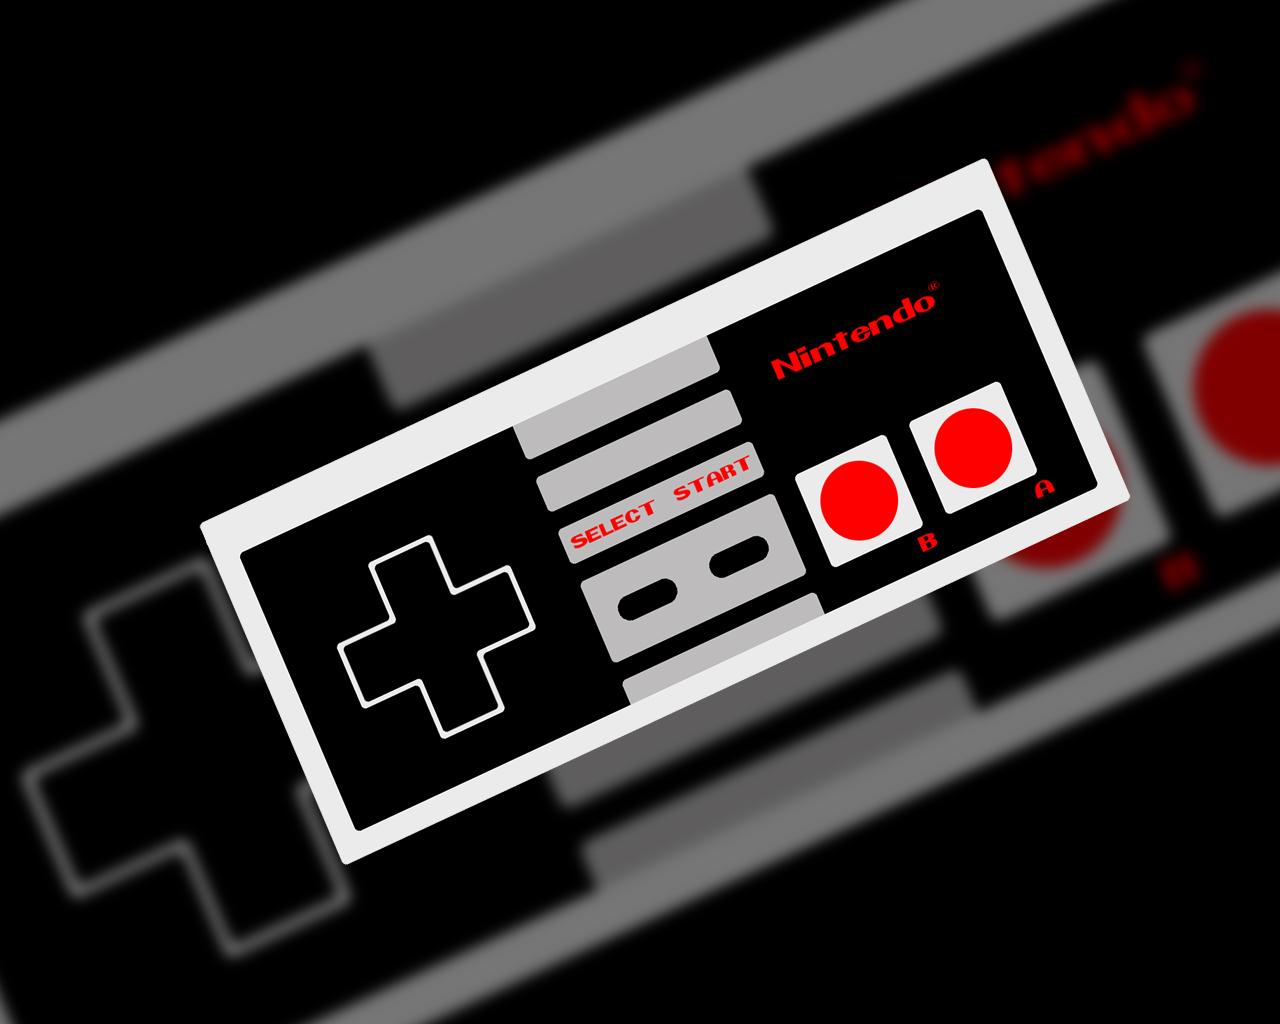 Nintendo HD Wallpapers - WallpaperSafari